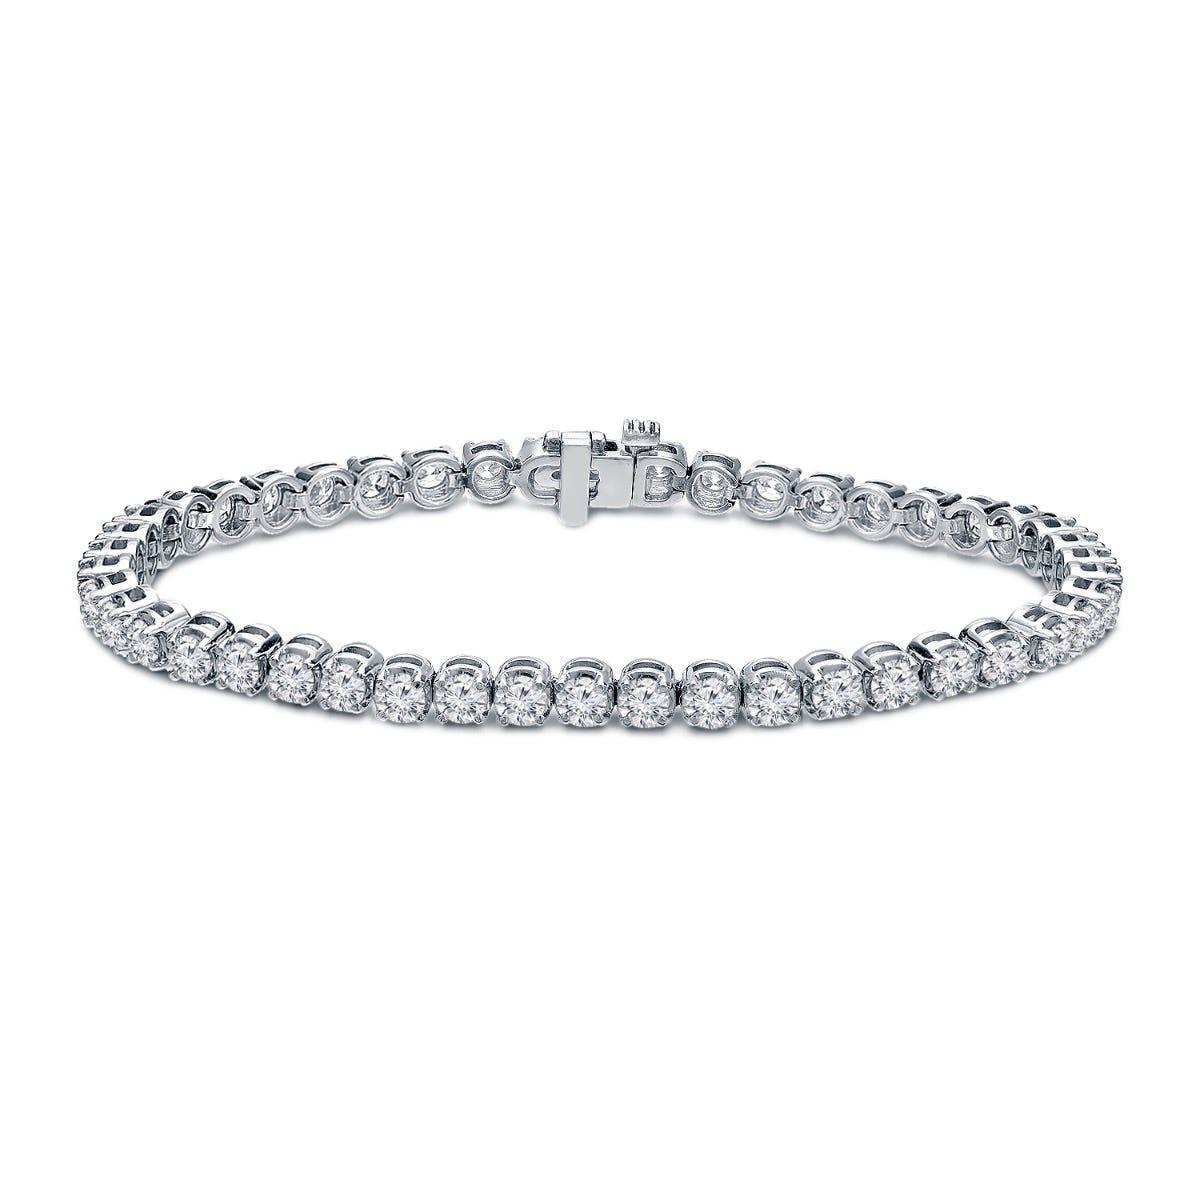 6ctw. 4-Prong Round Link Diamond Tennis Bracelet in 14K White Gold  (IJ, I1-I2)